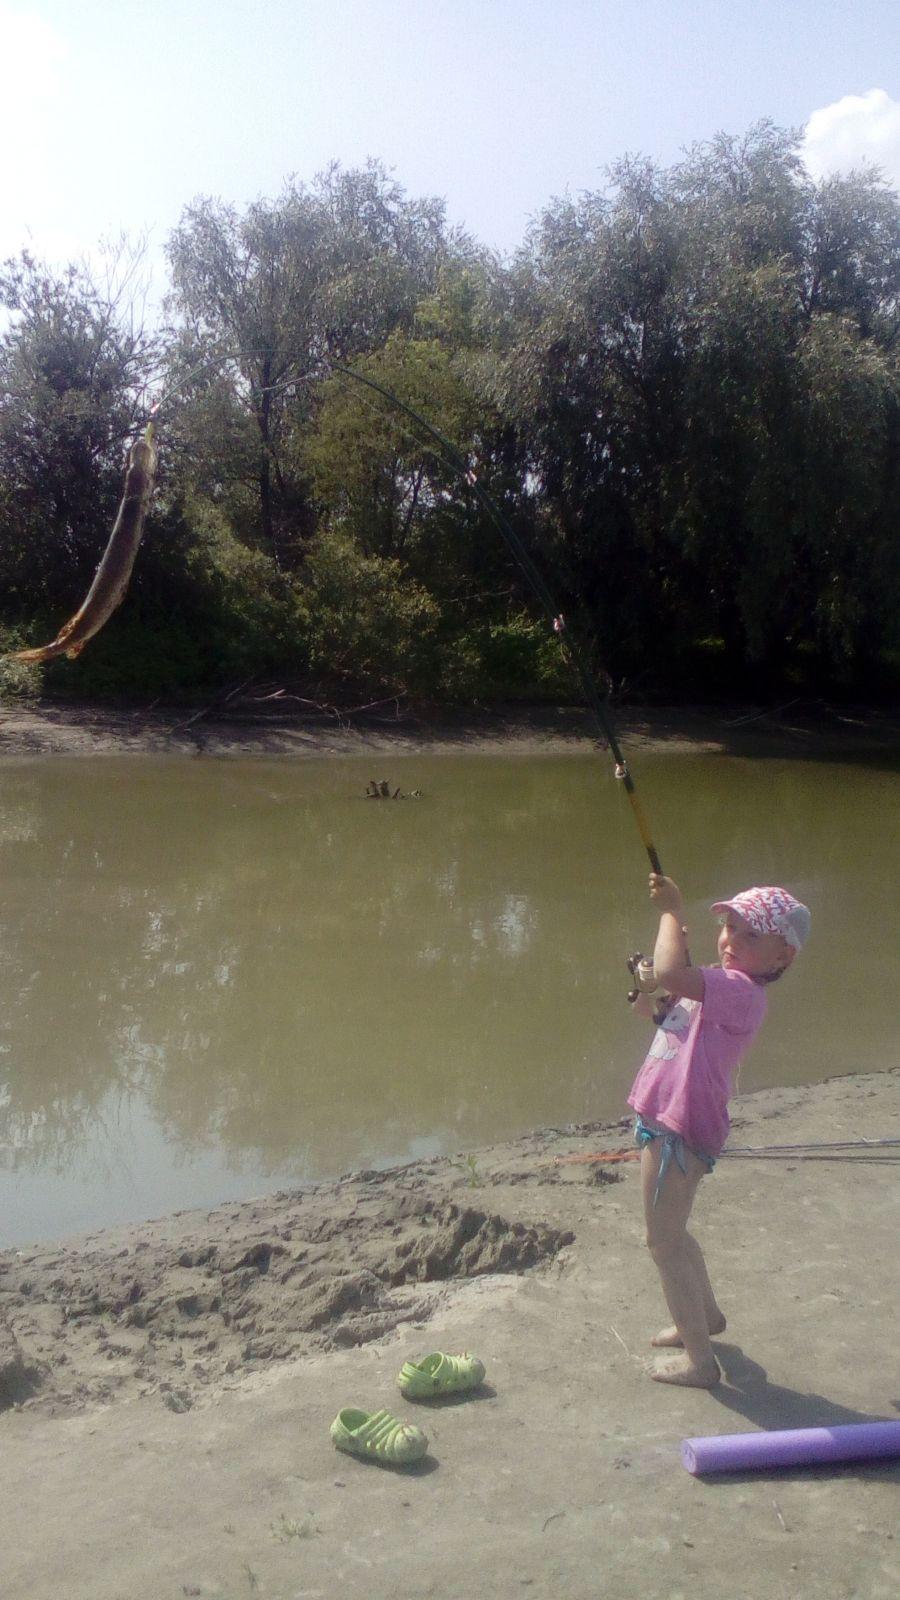 Мы всей семьей любим ездить на лодке отдыхать. Мы купаемся, загораем и ловим рыбу. В этот раз мы тоже не остались без улова! Маньшина Маргарита